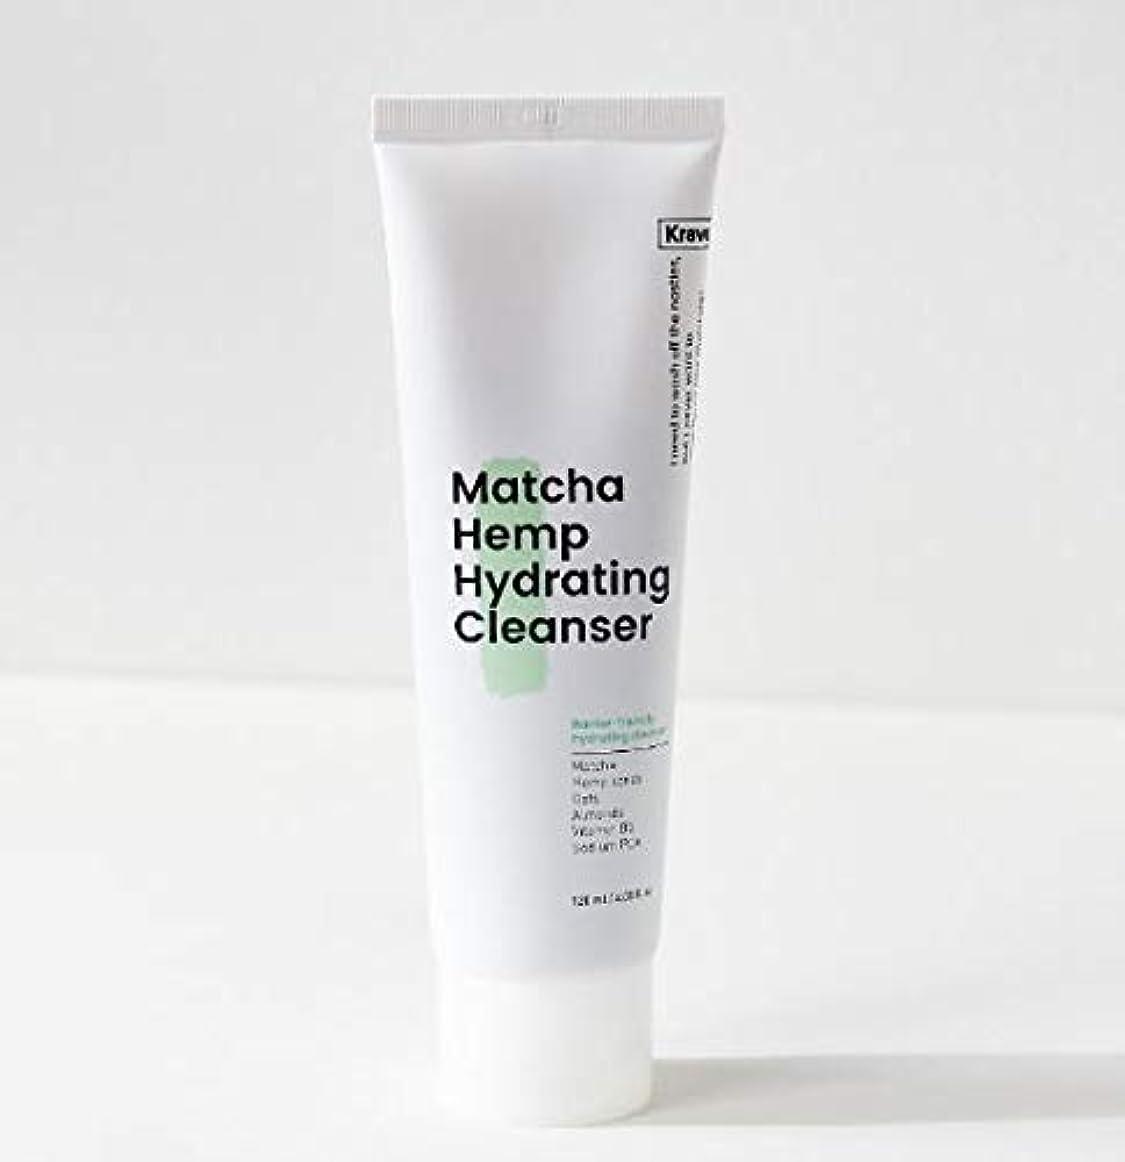 食品パンチ天皇[Krave] Matcha Hemp Hydrating Cleanser 120ml / 抹茶ハイドレイティングクレンザー120ml [並行輸入品]